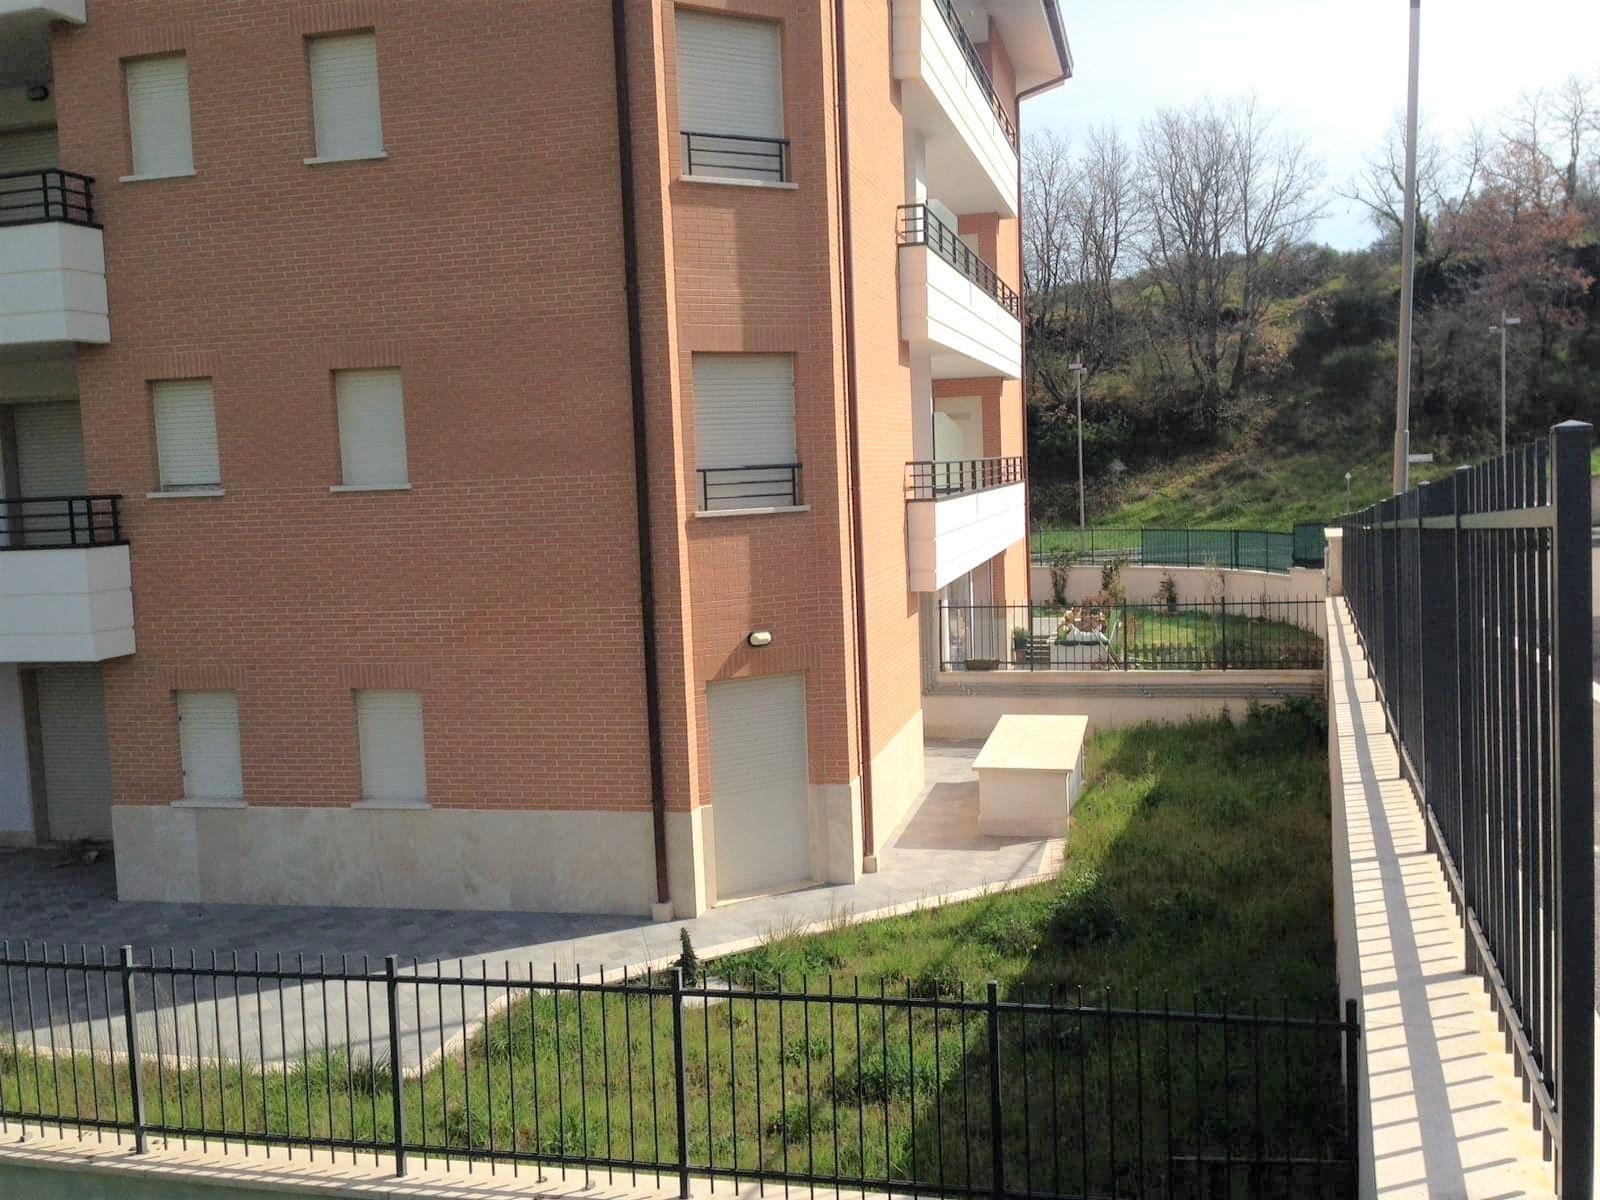 Appartamento in vendita a Viterbo, 3 locali, zona Località: LaQuercia, prezzo € 169.000   CambioCasa.it